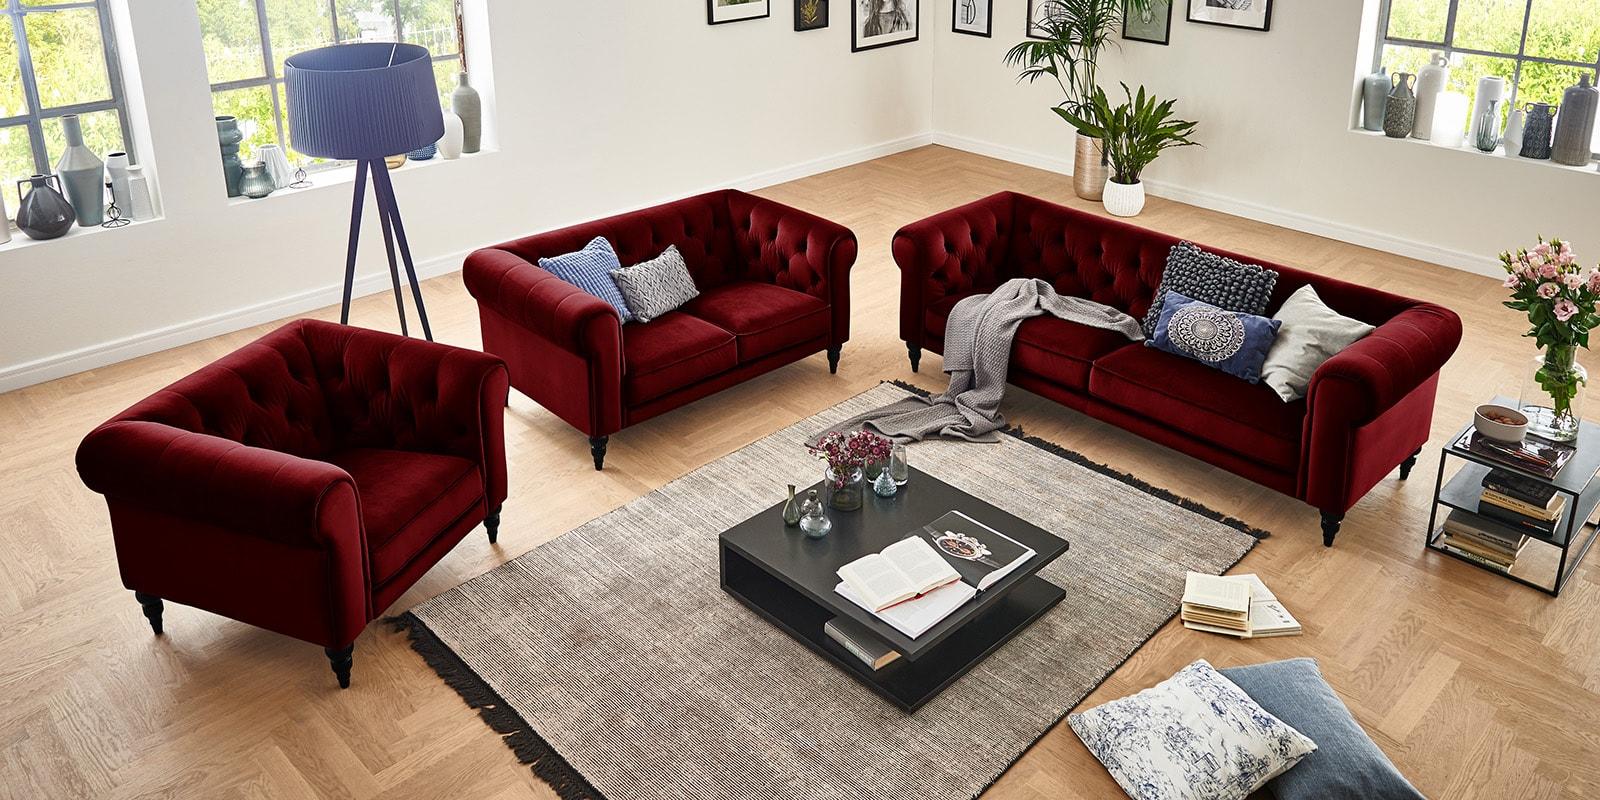 Moebella24 - 3-2-1-Sitzer - Sofa - Hudson - Chesterfield - Samt - Rot - Dekorative - Nähte - und - Versteppungen